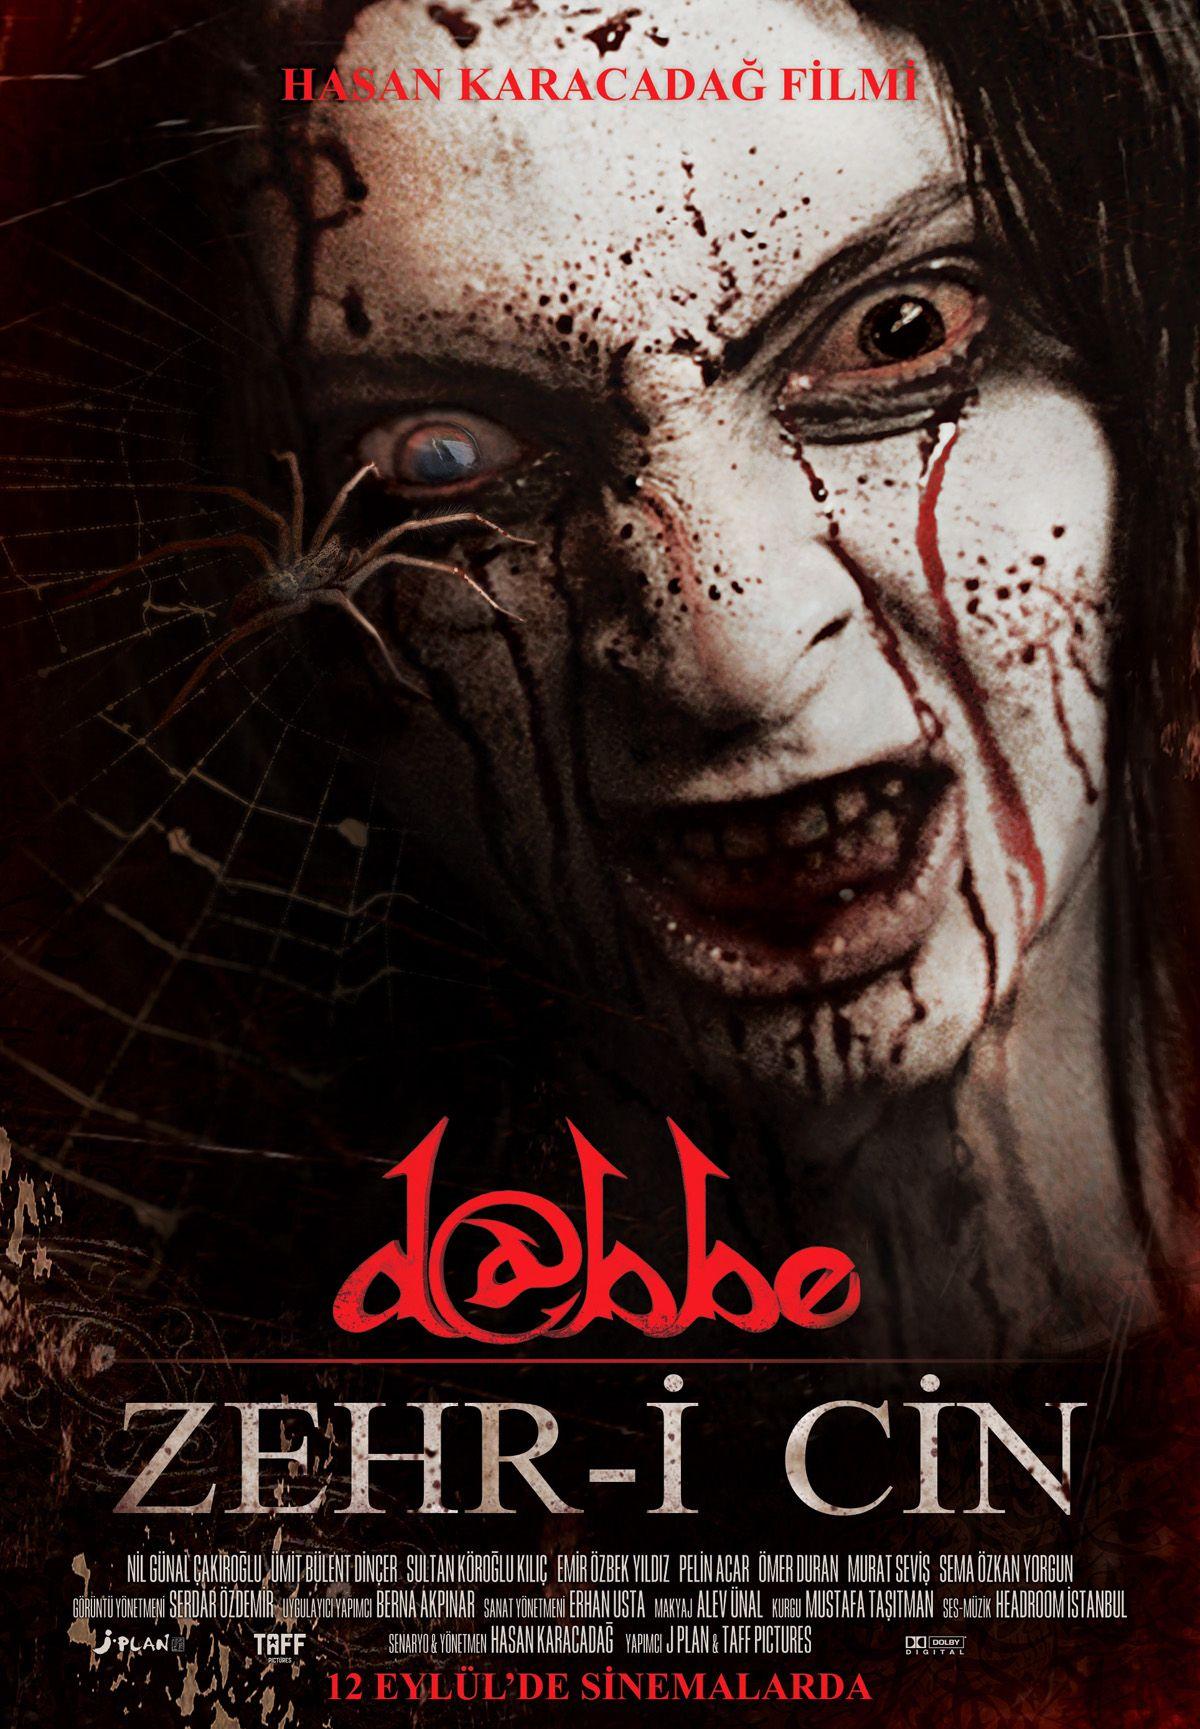 Dabbe 5 Zehri Cin Yerli Film Tek Link Indir Film Indir Korku Filmleri Film Korku